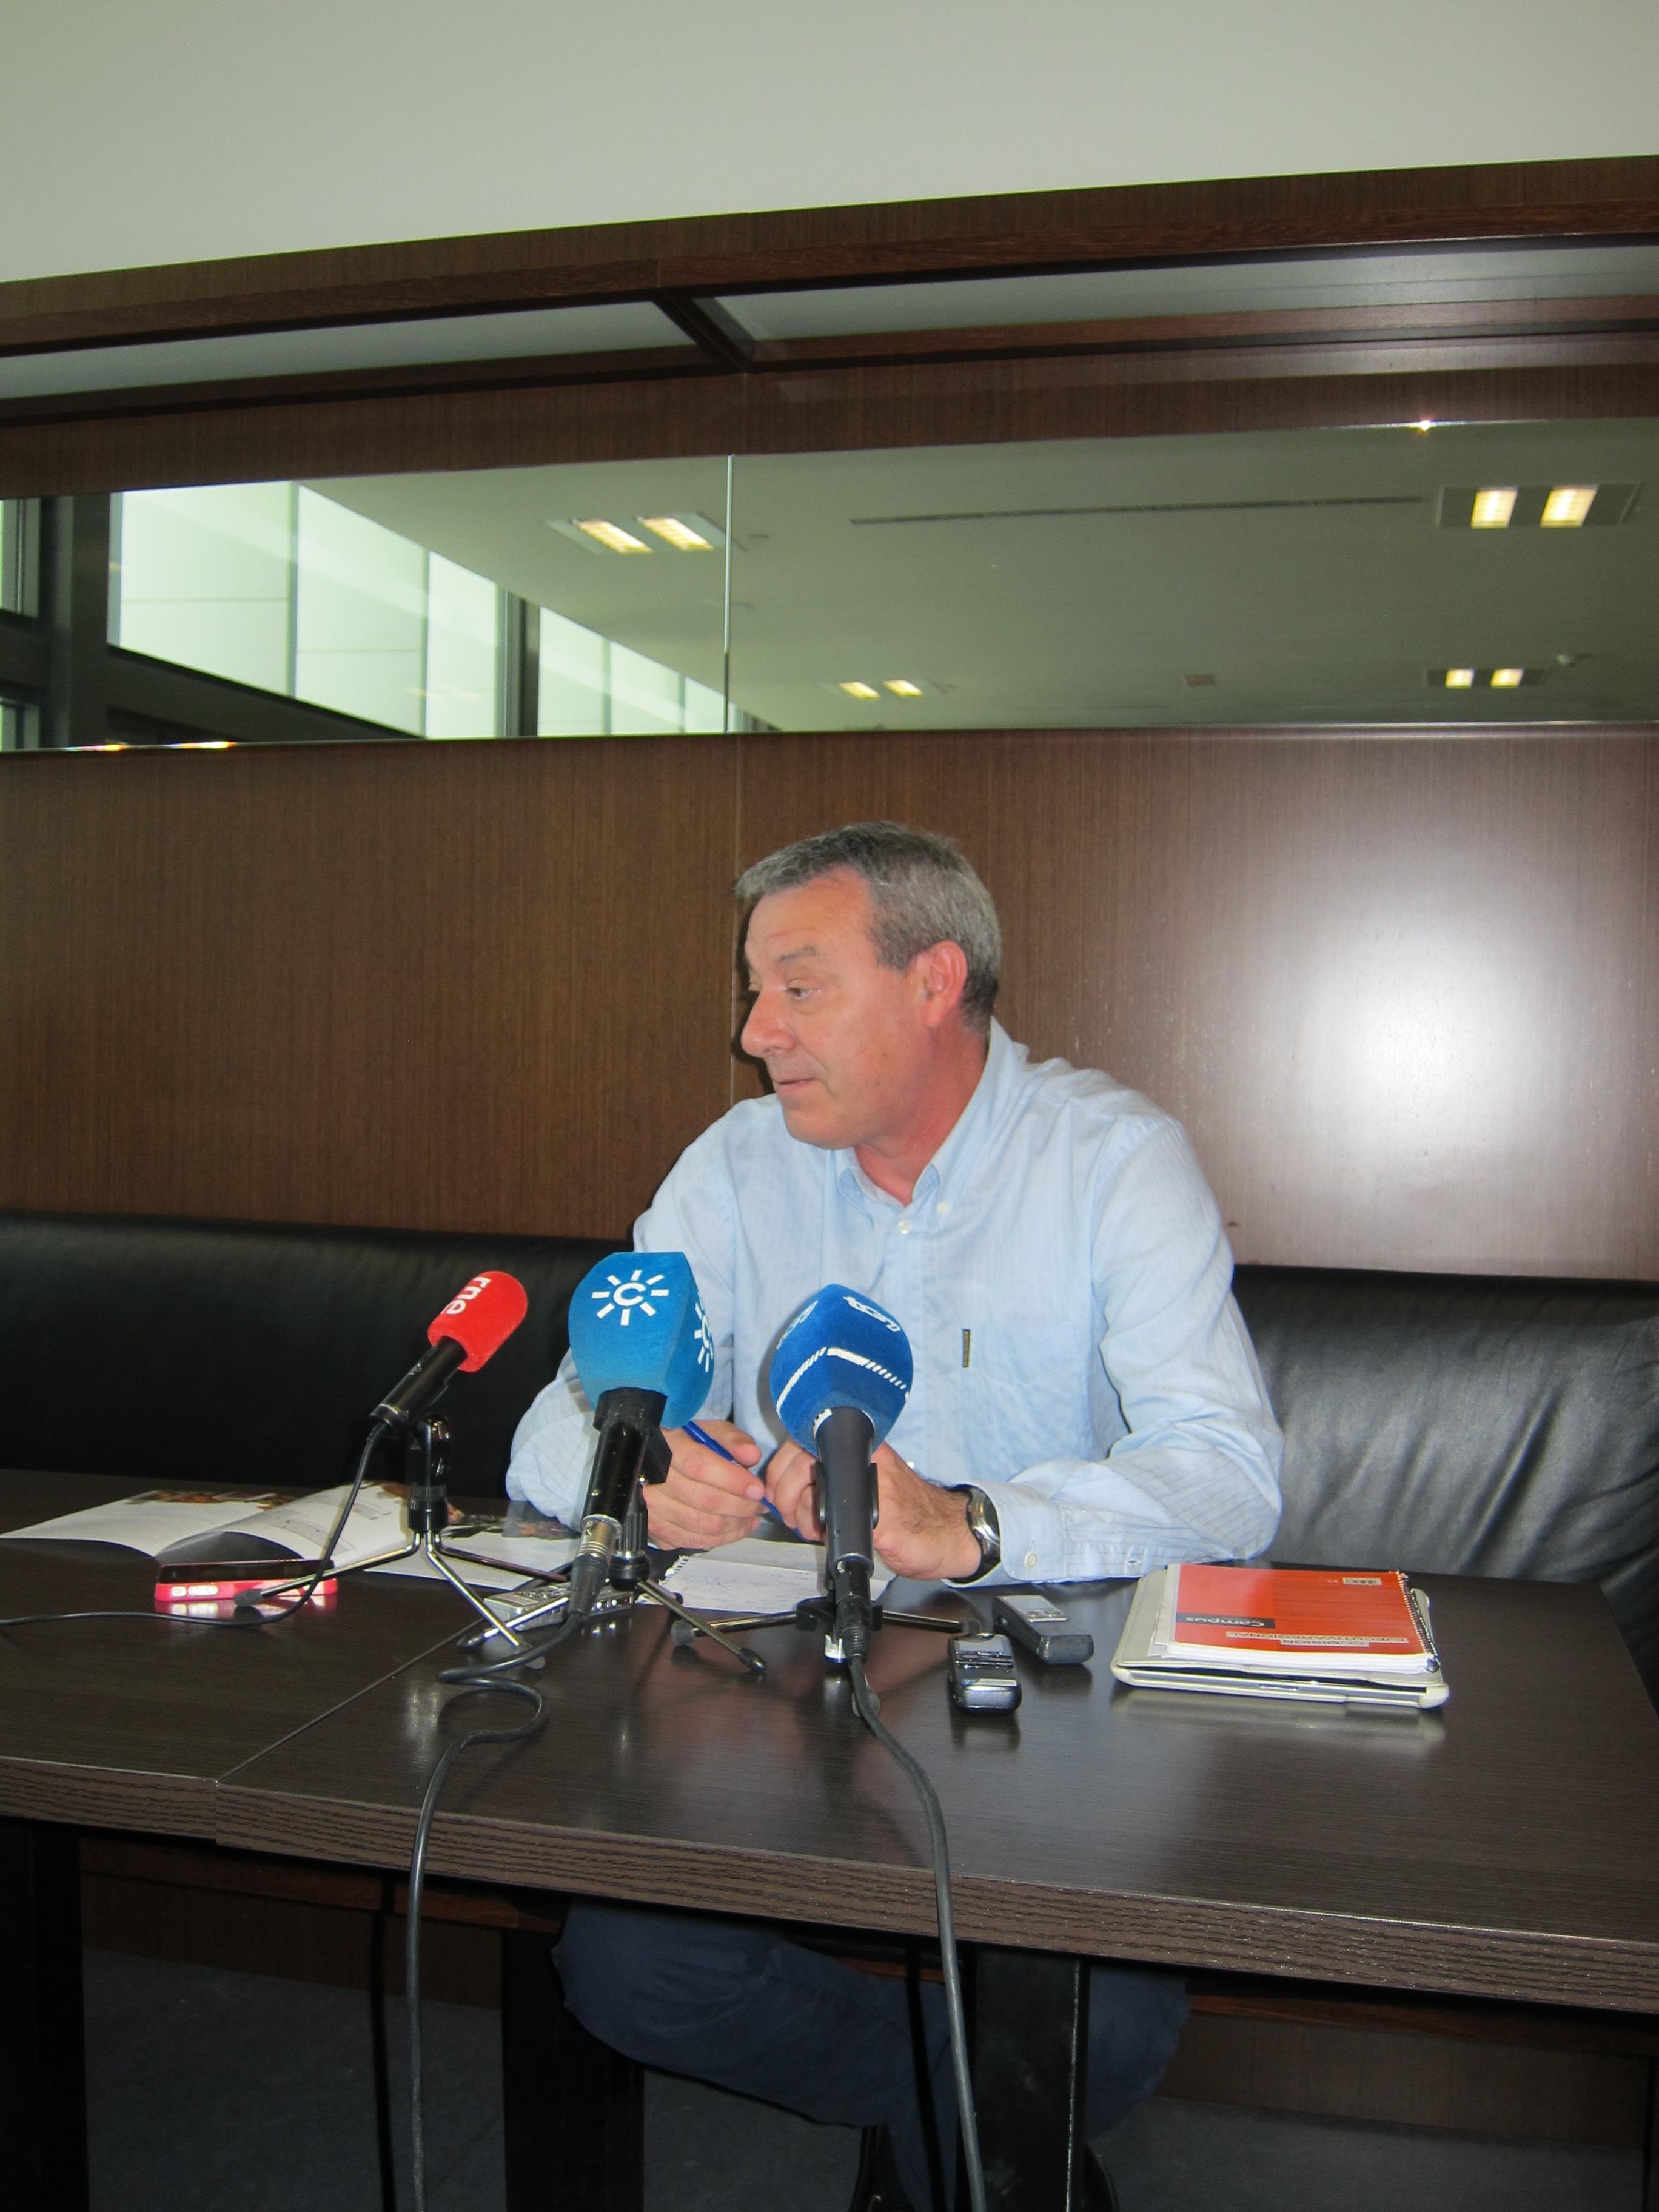 PSOE-A reclama explicaciones al PP-A tras la «nueva agresión» del Gobierno al recurrir el decreto antidesahucios